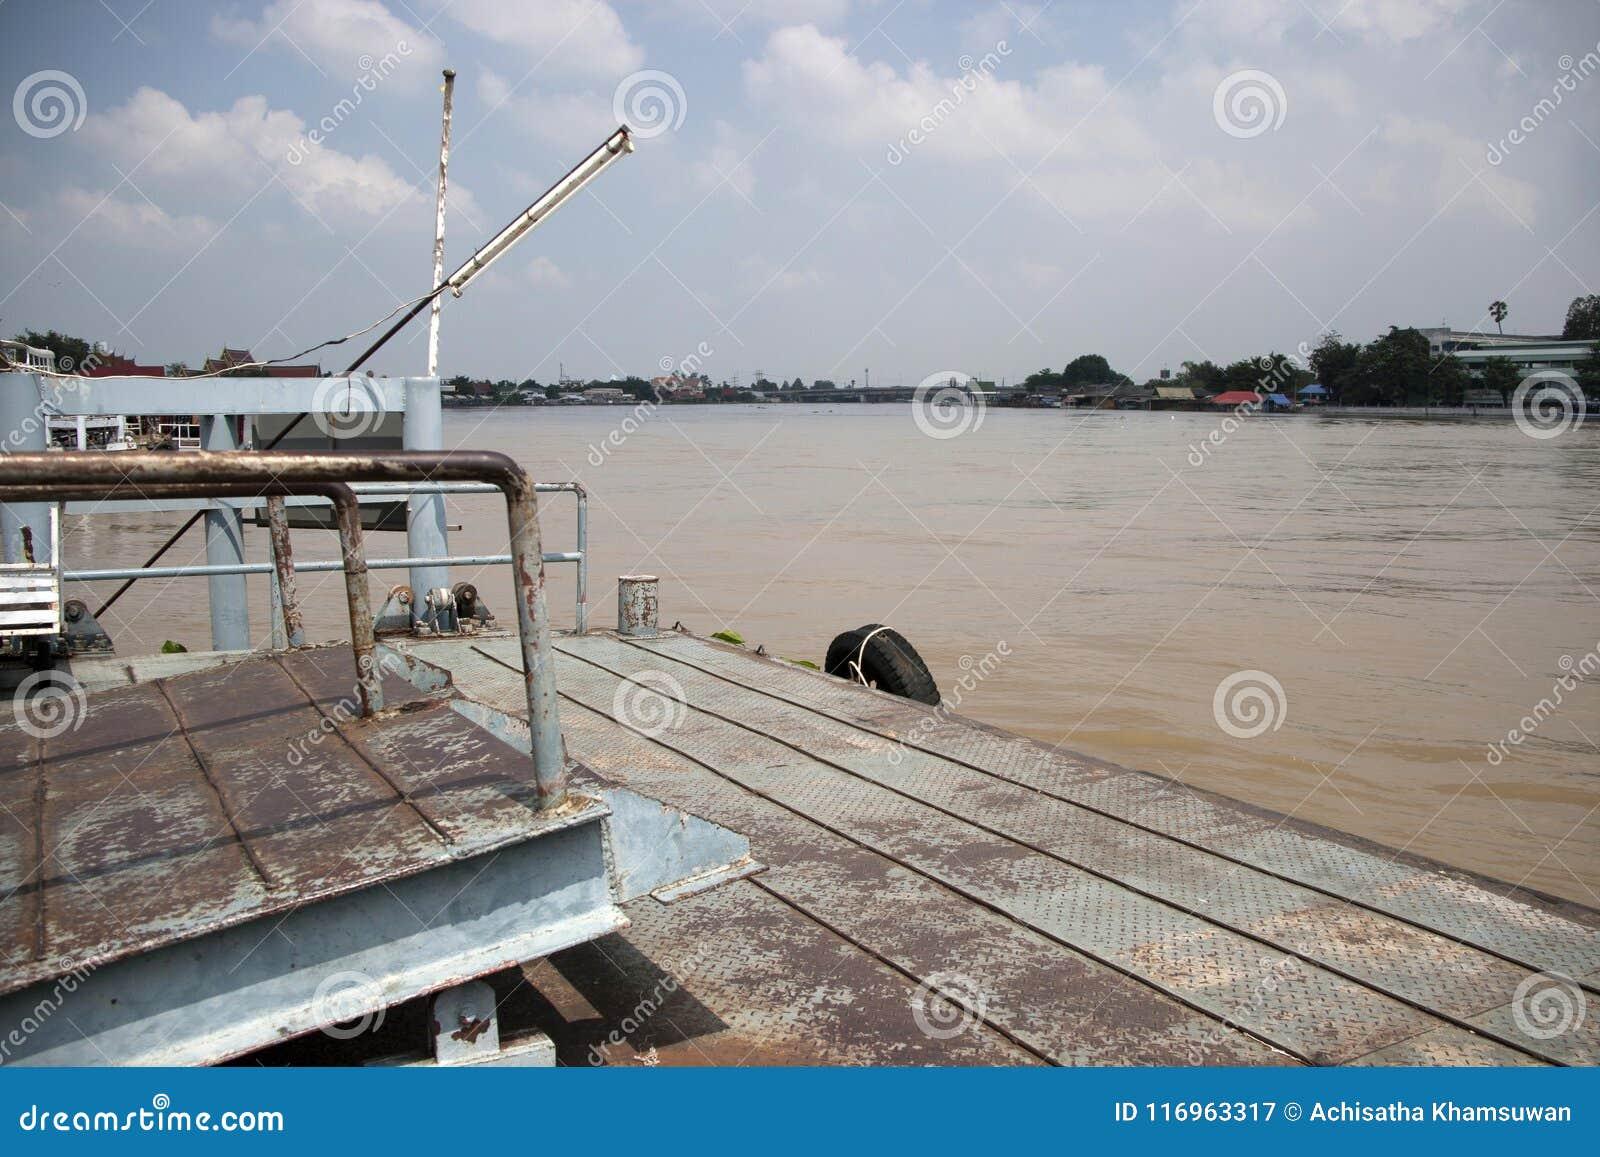 Αποβάθρα για την πρόσδεση ή πάκτωνας για την προσγείωση της βάρκας